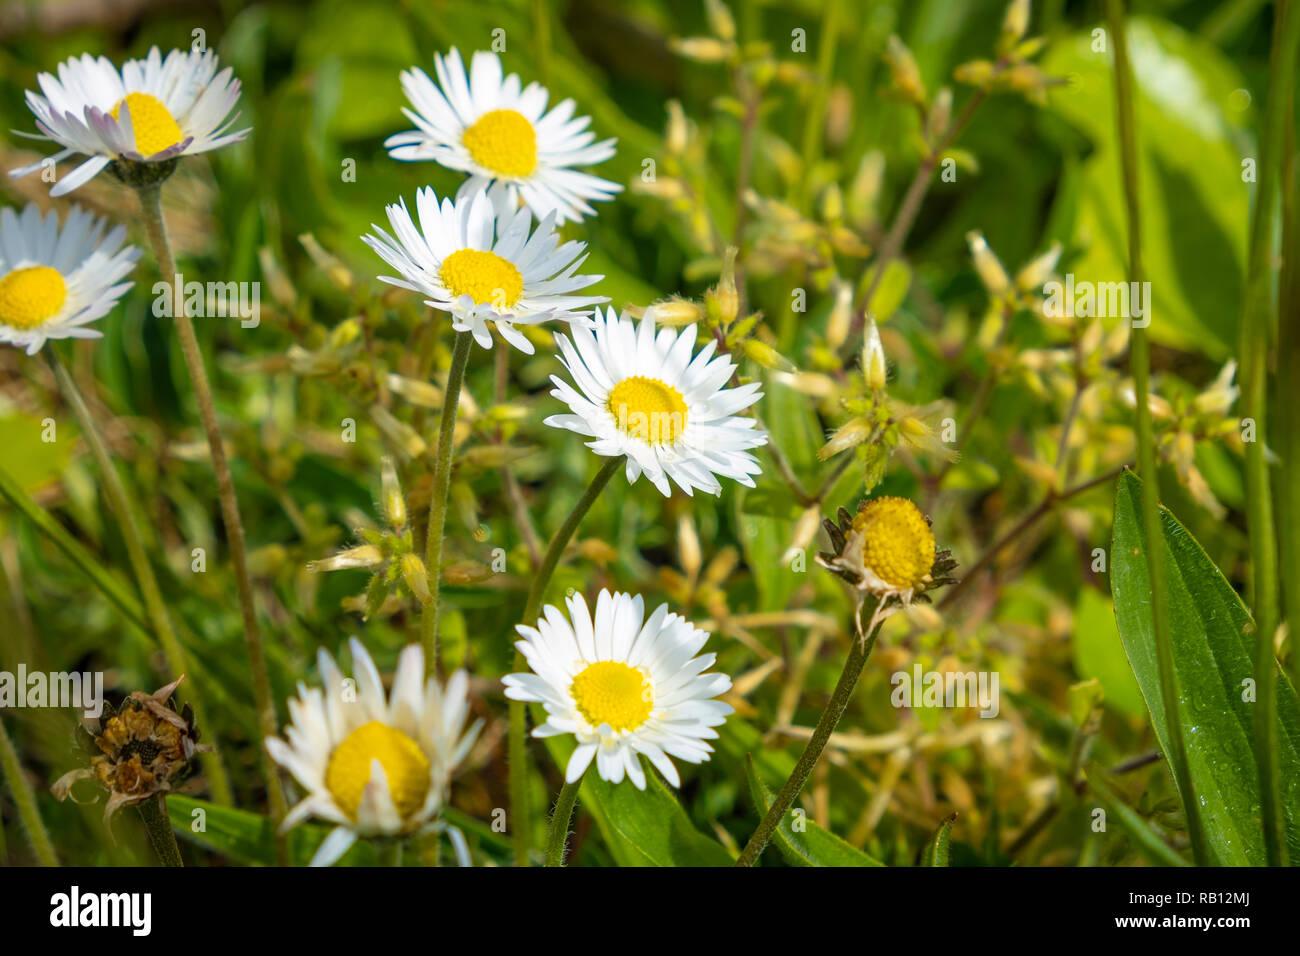 weiße Margeriten mit gelbem Kern - Stock Image